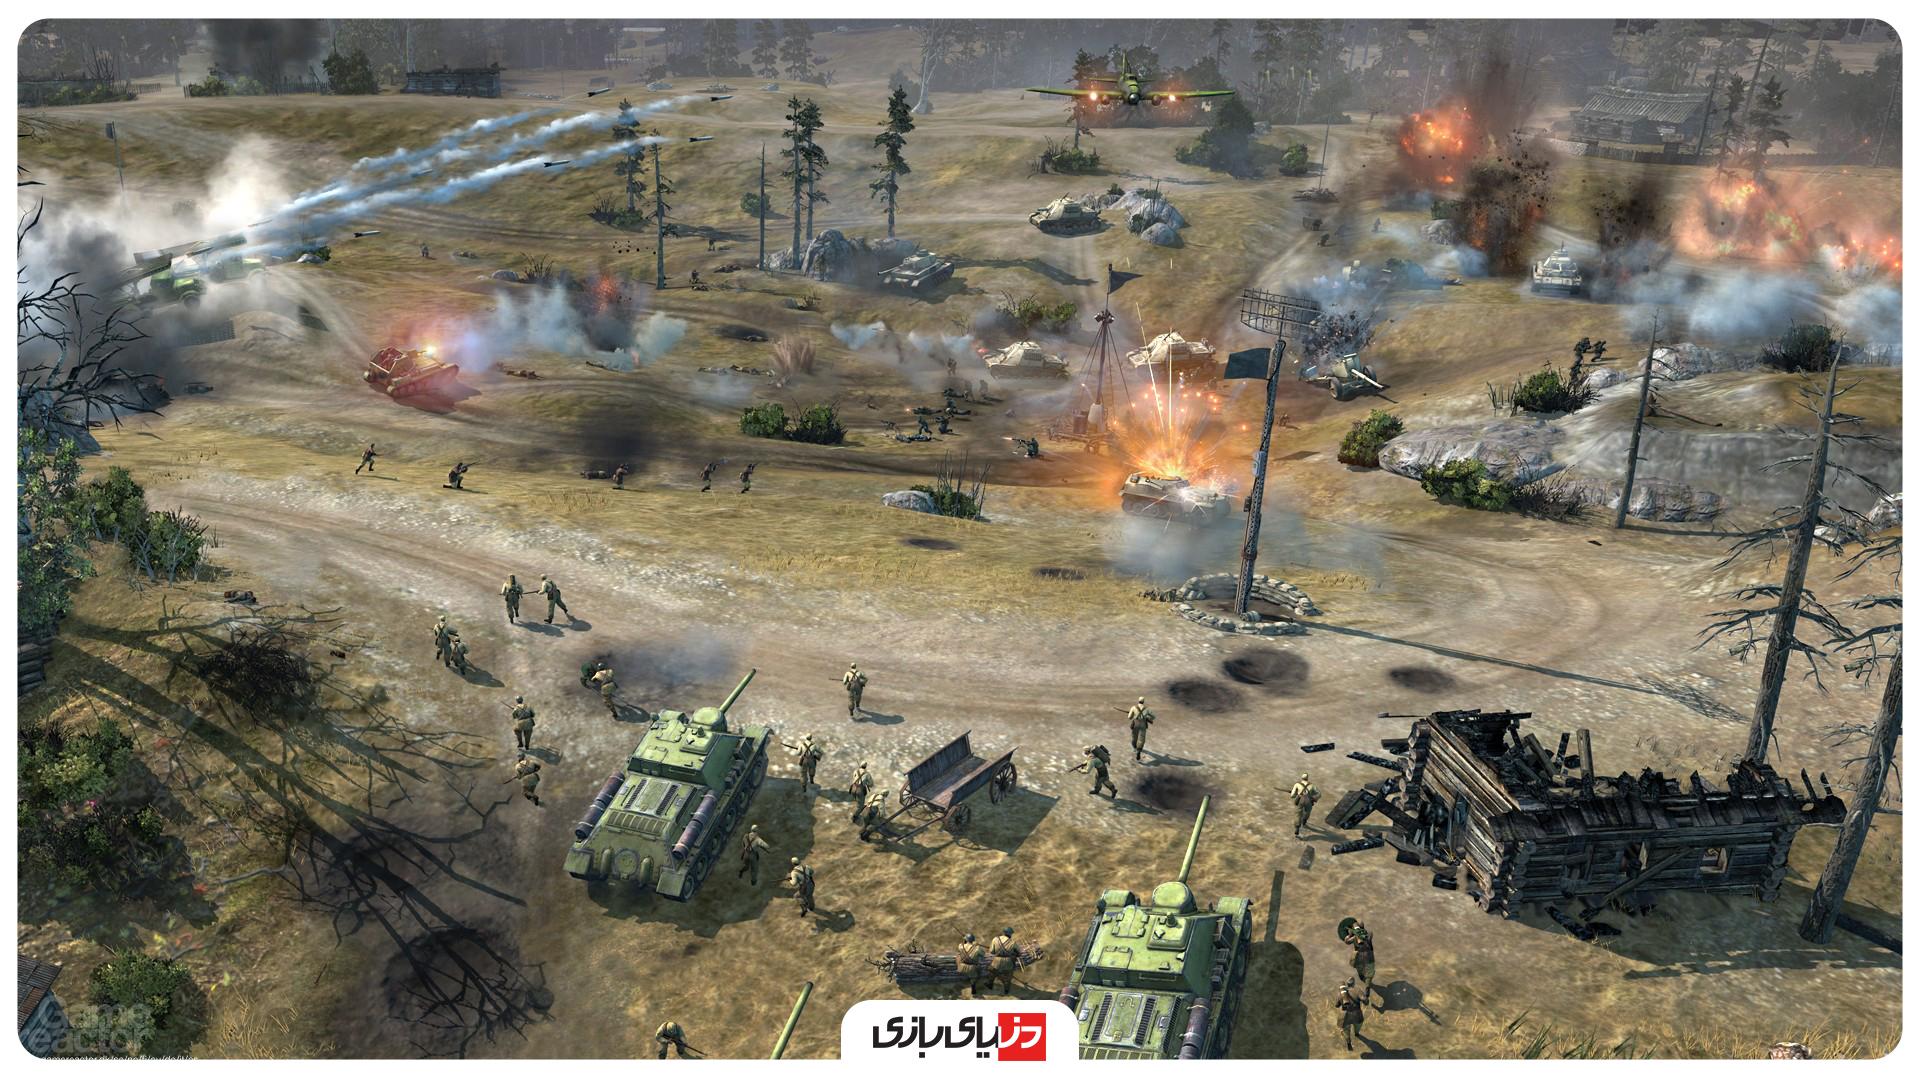 بازی استراتژیکی آنلاین Company of Heroes 2